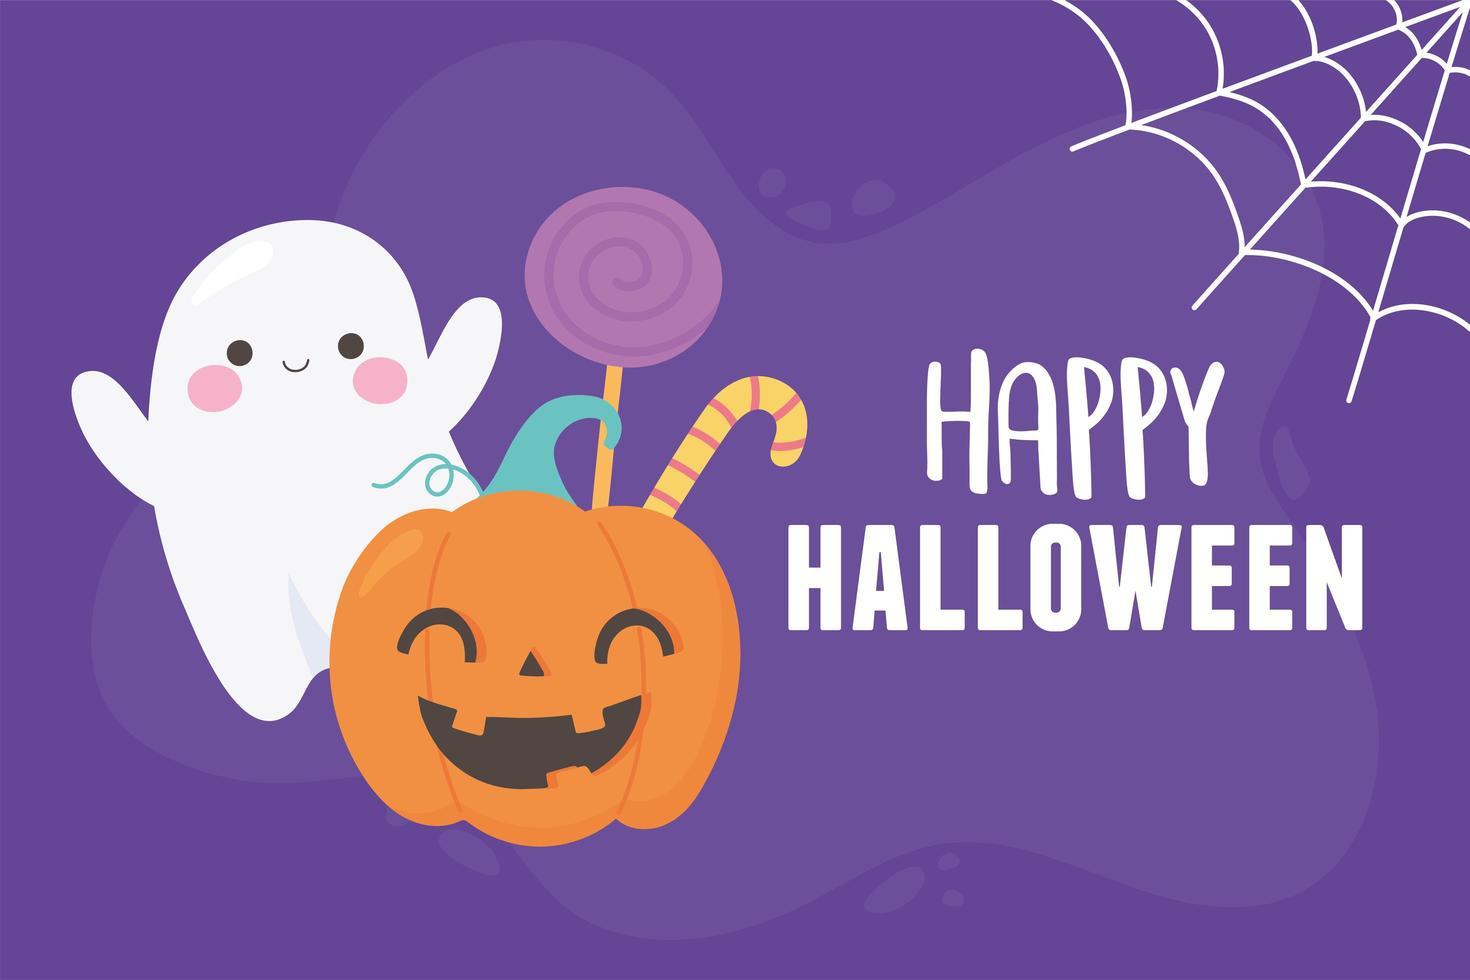 happy halloween-pompoen, spook en snoepjes poster vector